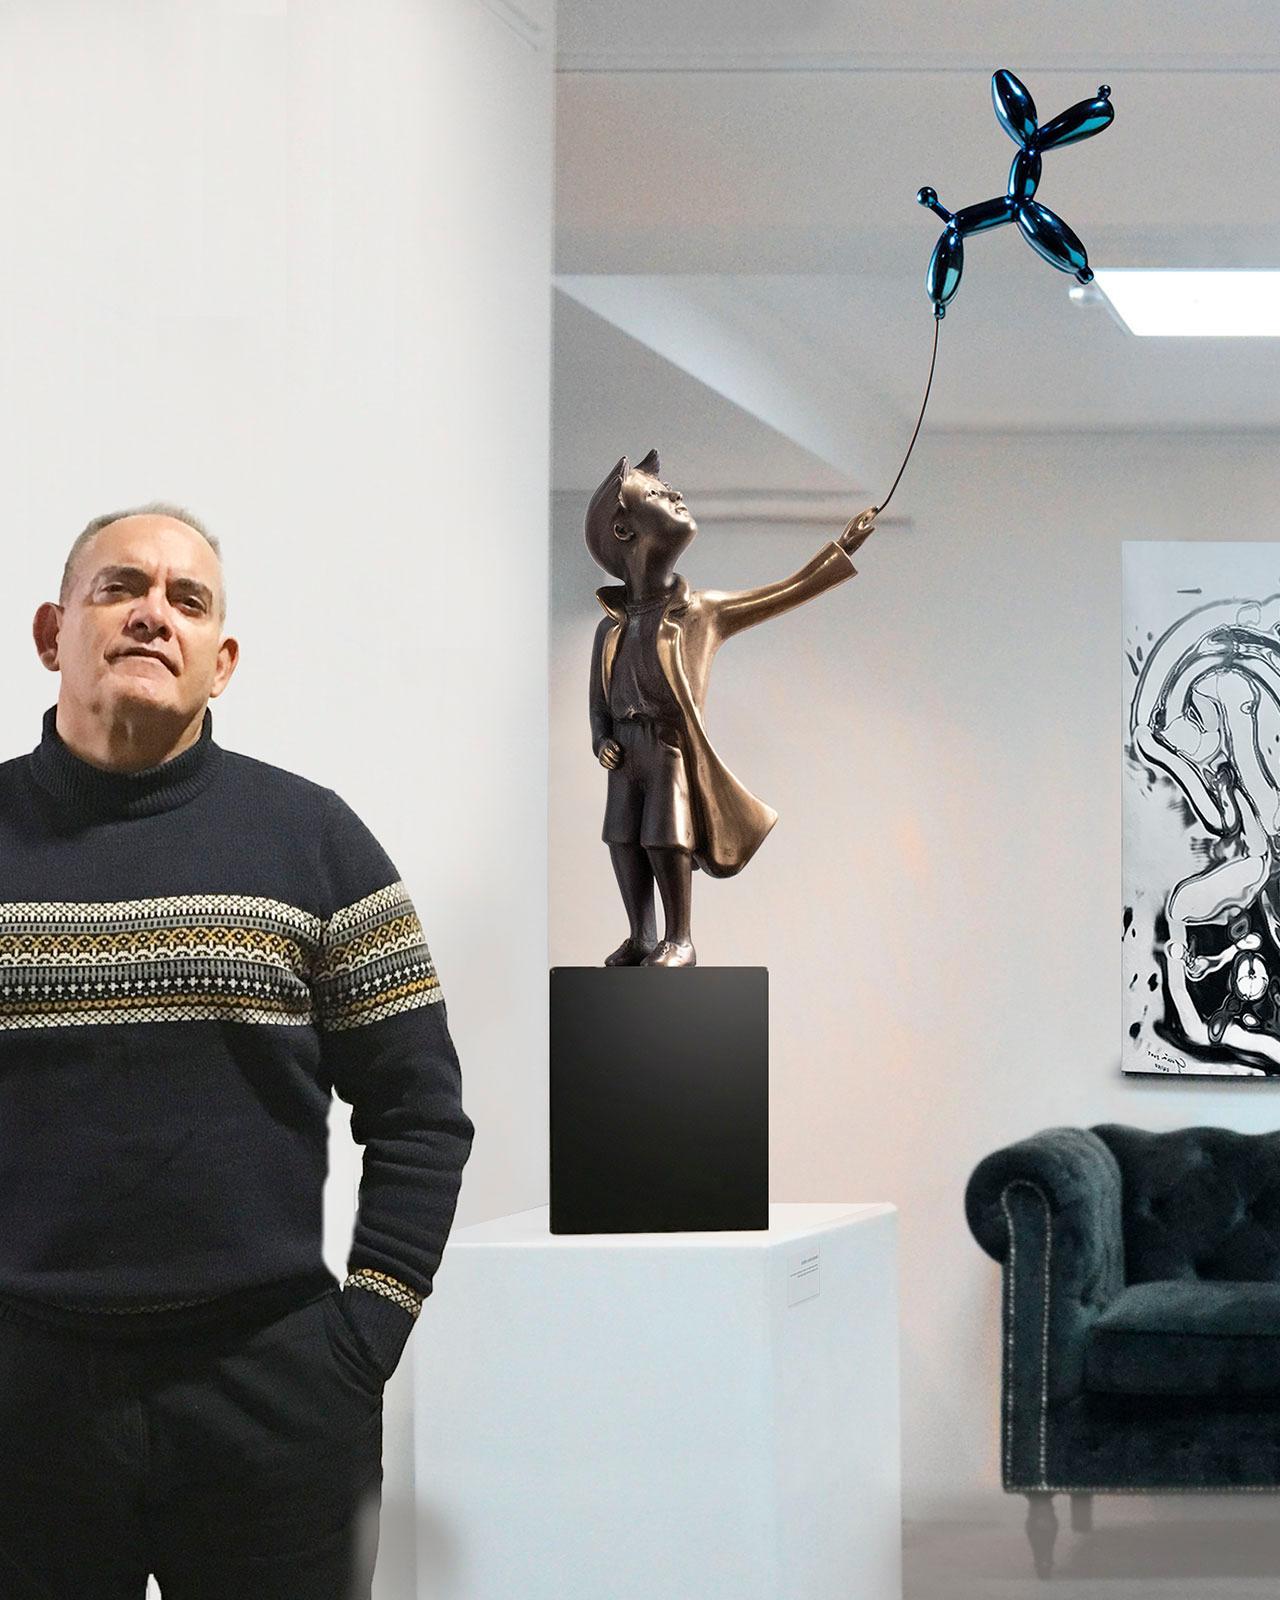 Child with balloon dog 76 – Miguel Guía Street Art Cast bronze Sculpture